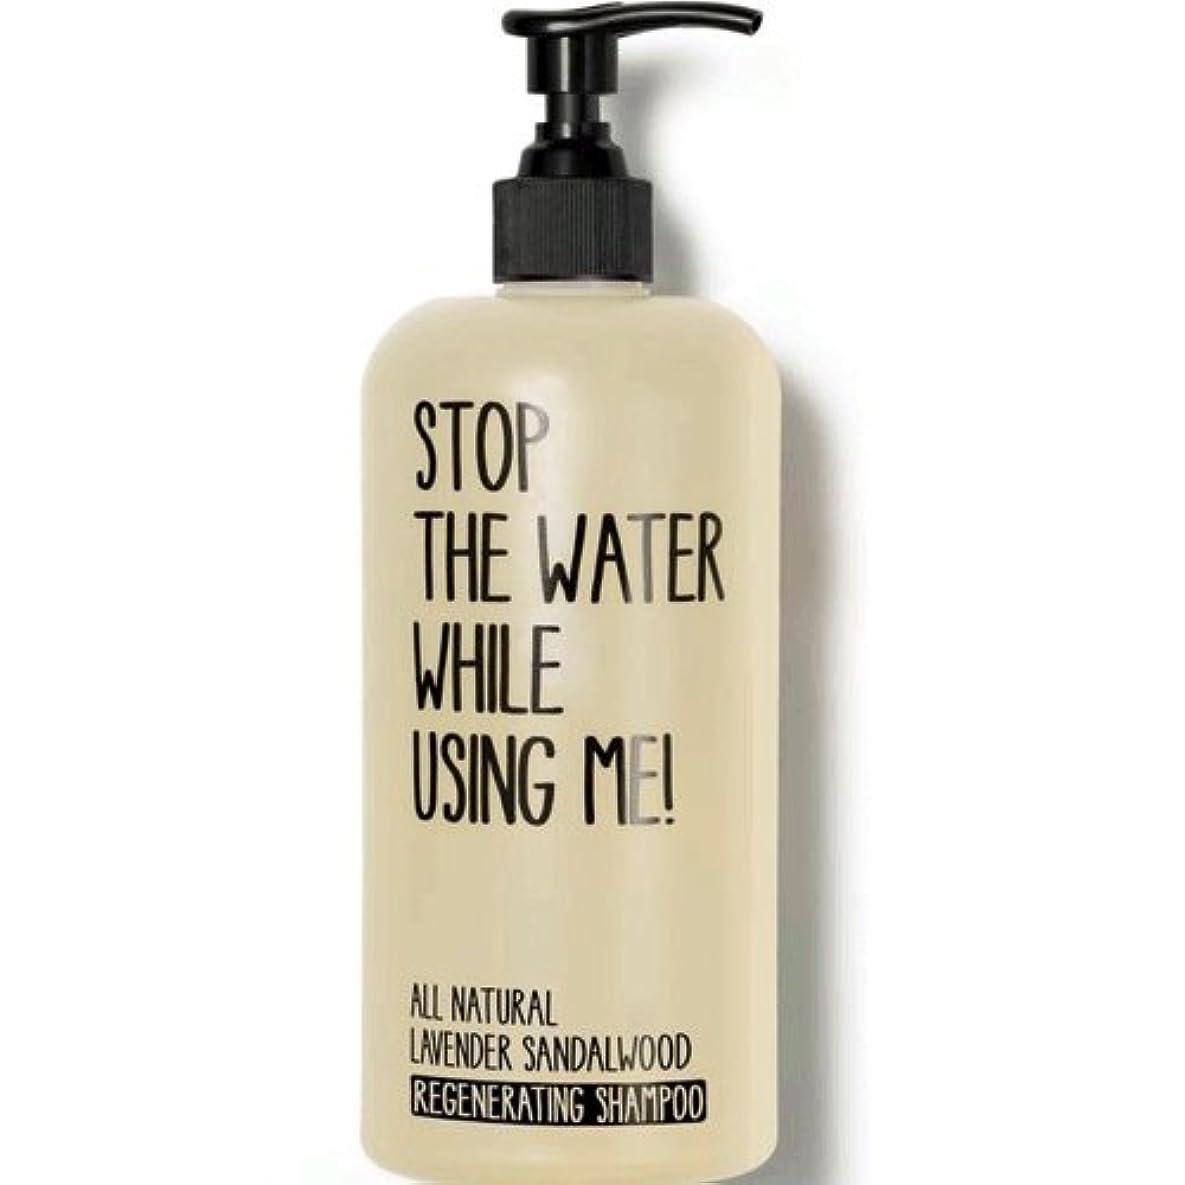 高音作物ブラウザ【STOP THE WATER WHILE USING ME!】L&Sシャンプー(ラベンダー&サンダルウッド) 500ml [並行輸入品]